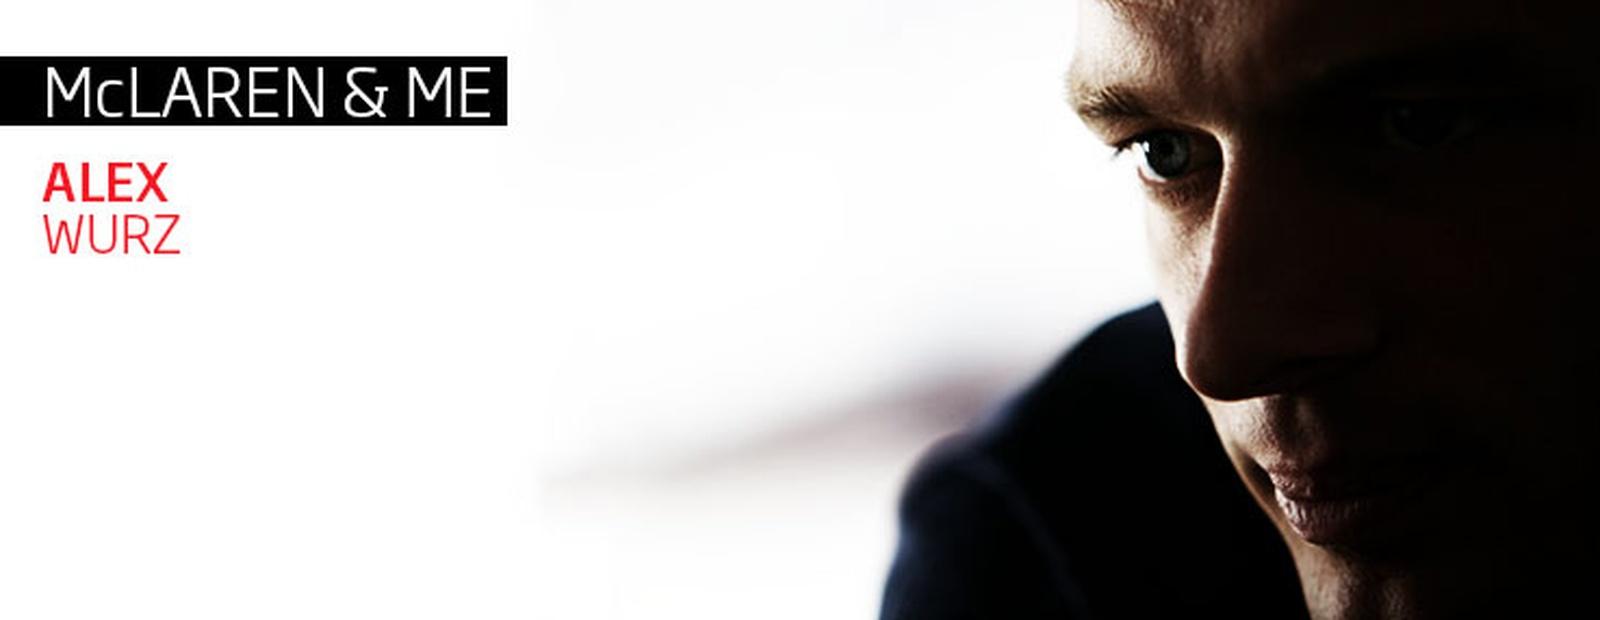 McLaren & Me: Alex Wurz